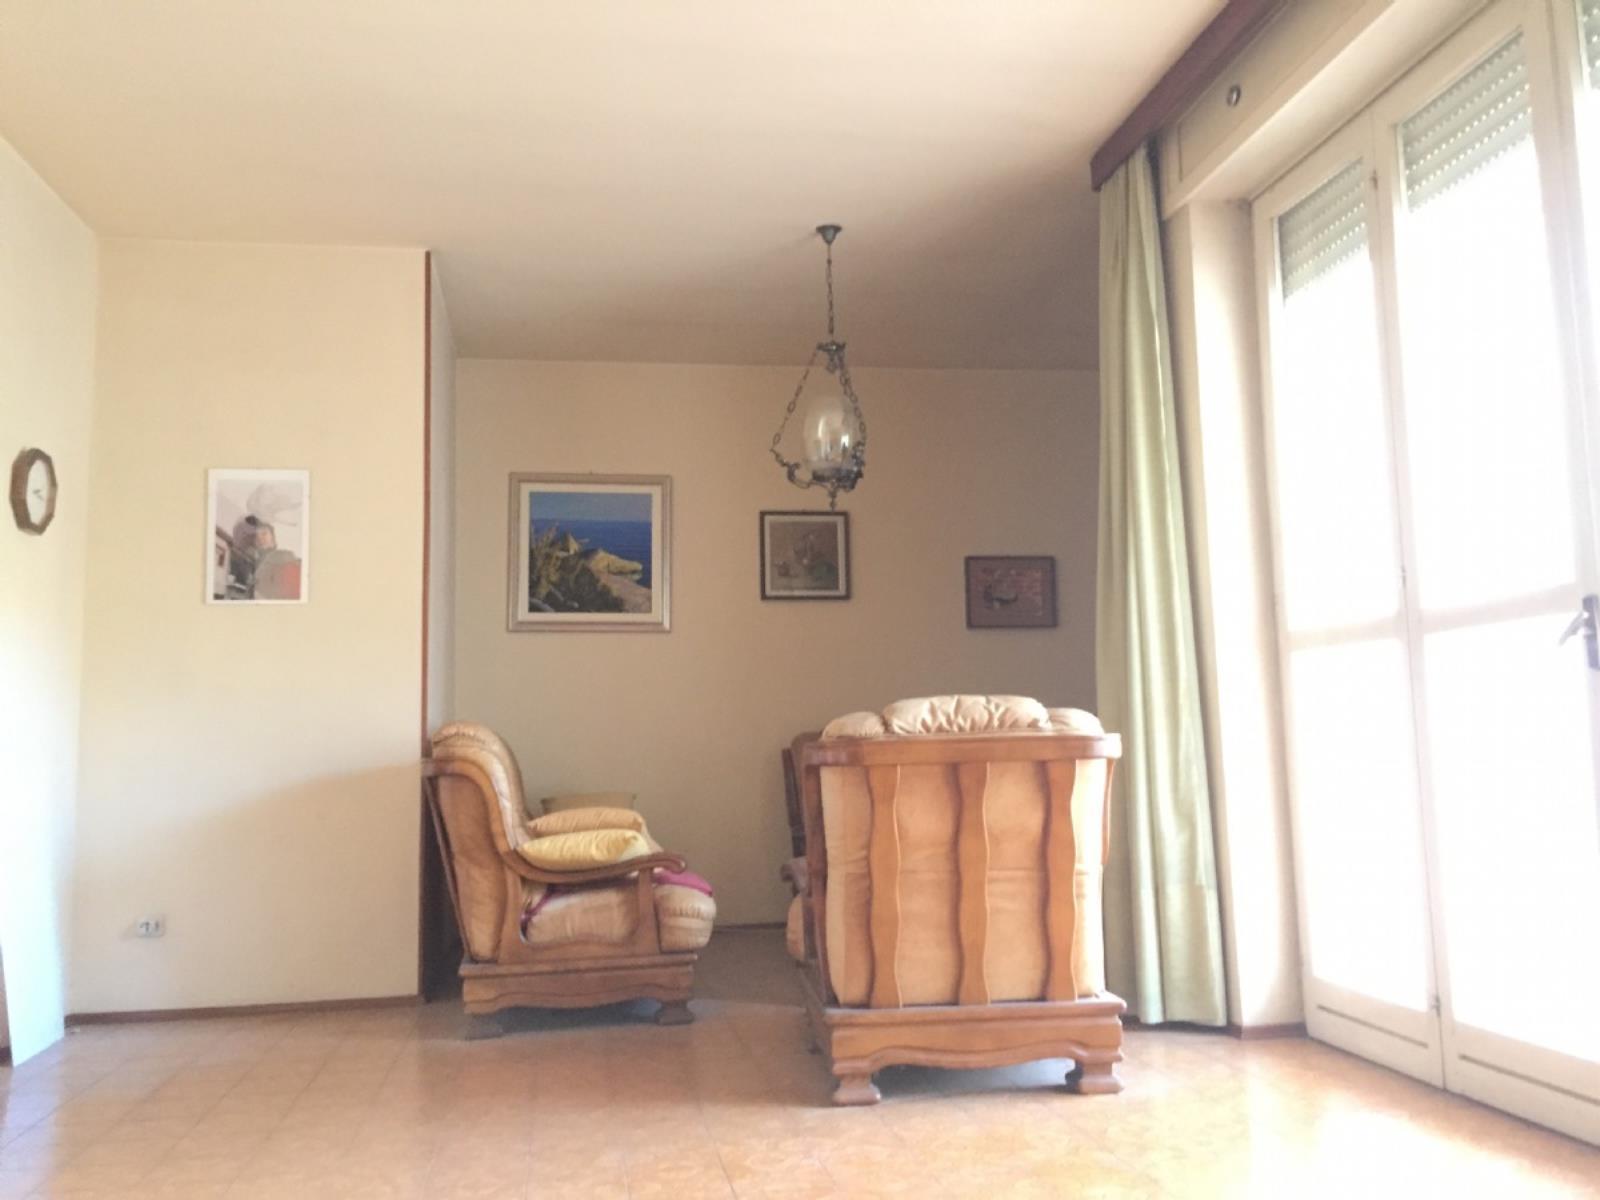 vendita appartamento di 120 m2 ivrea to studio idea casa